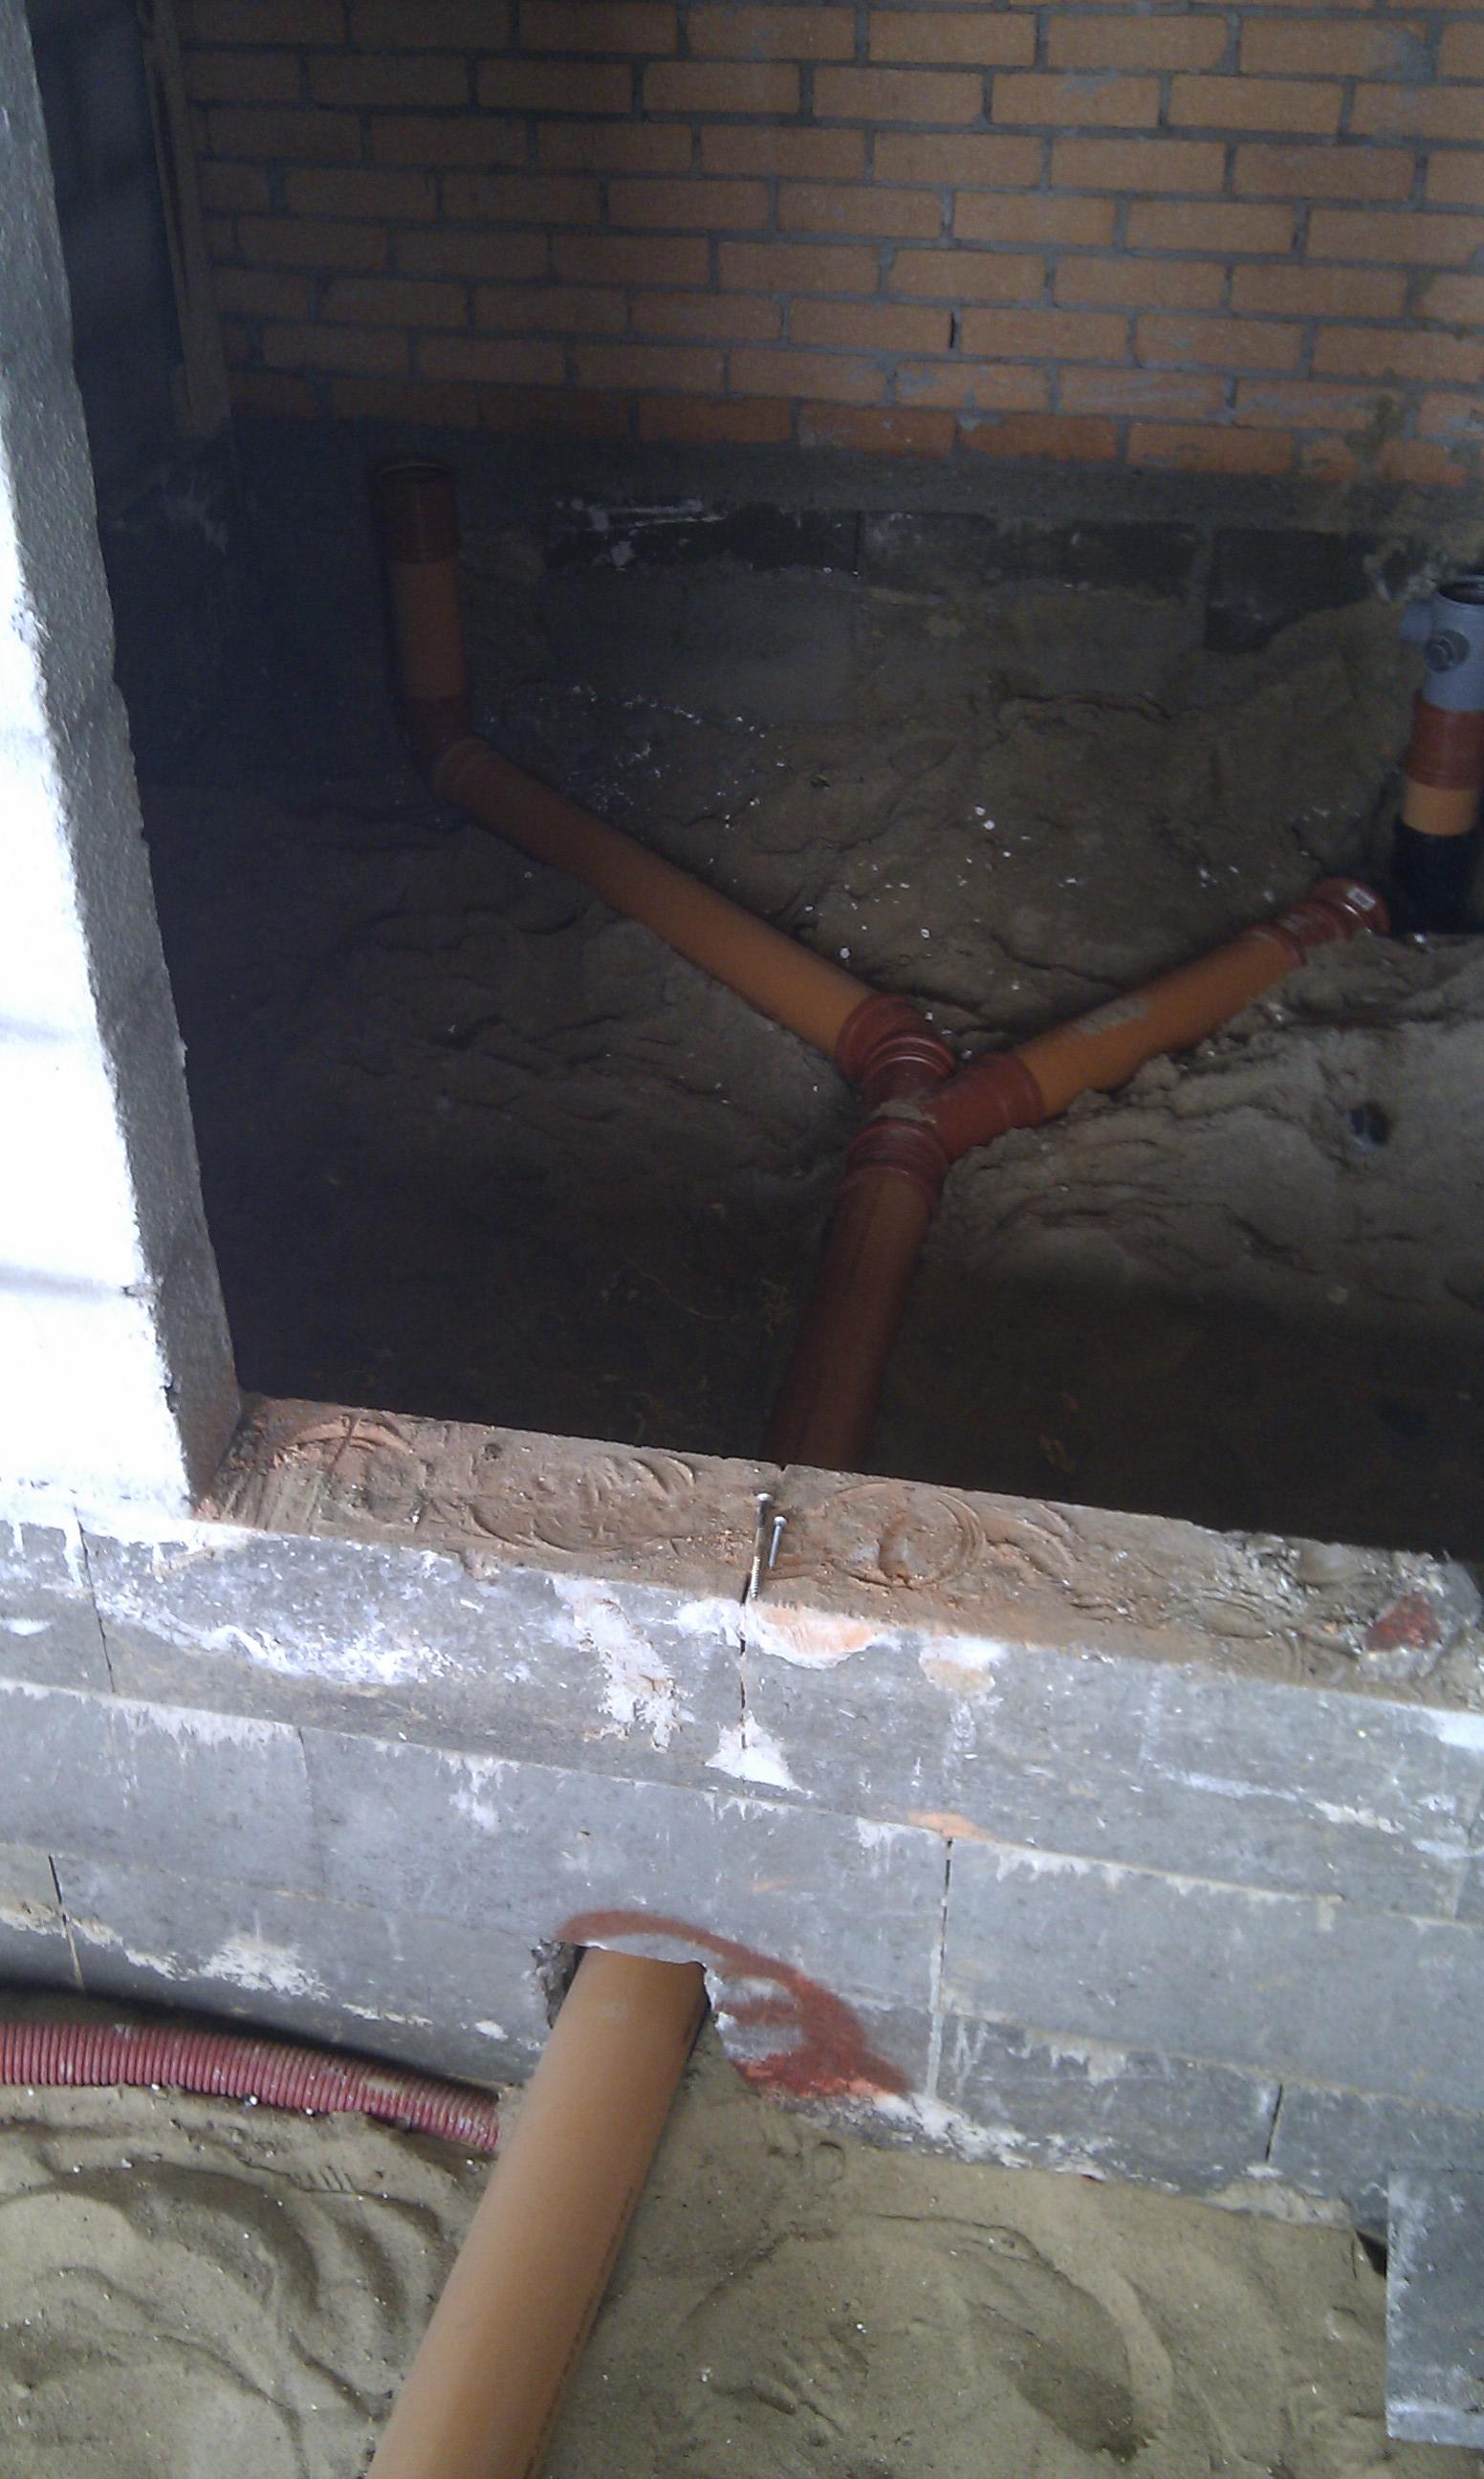 Rør går gennem hullet og splitter sig i badeværelset